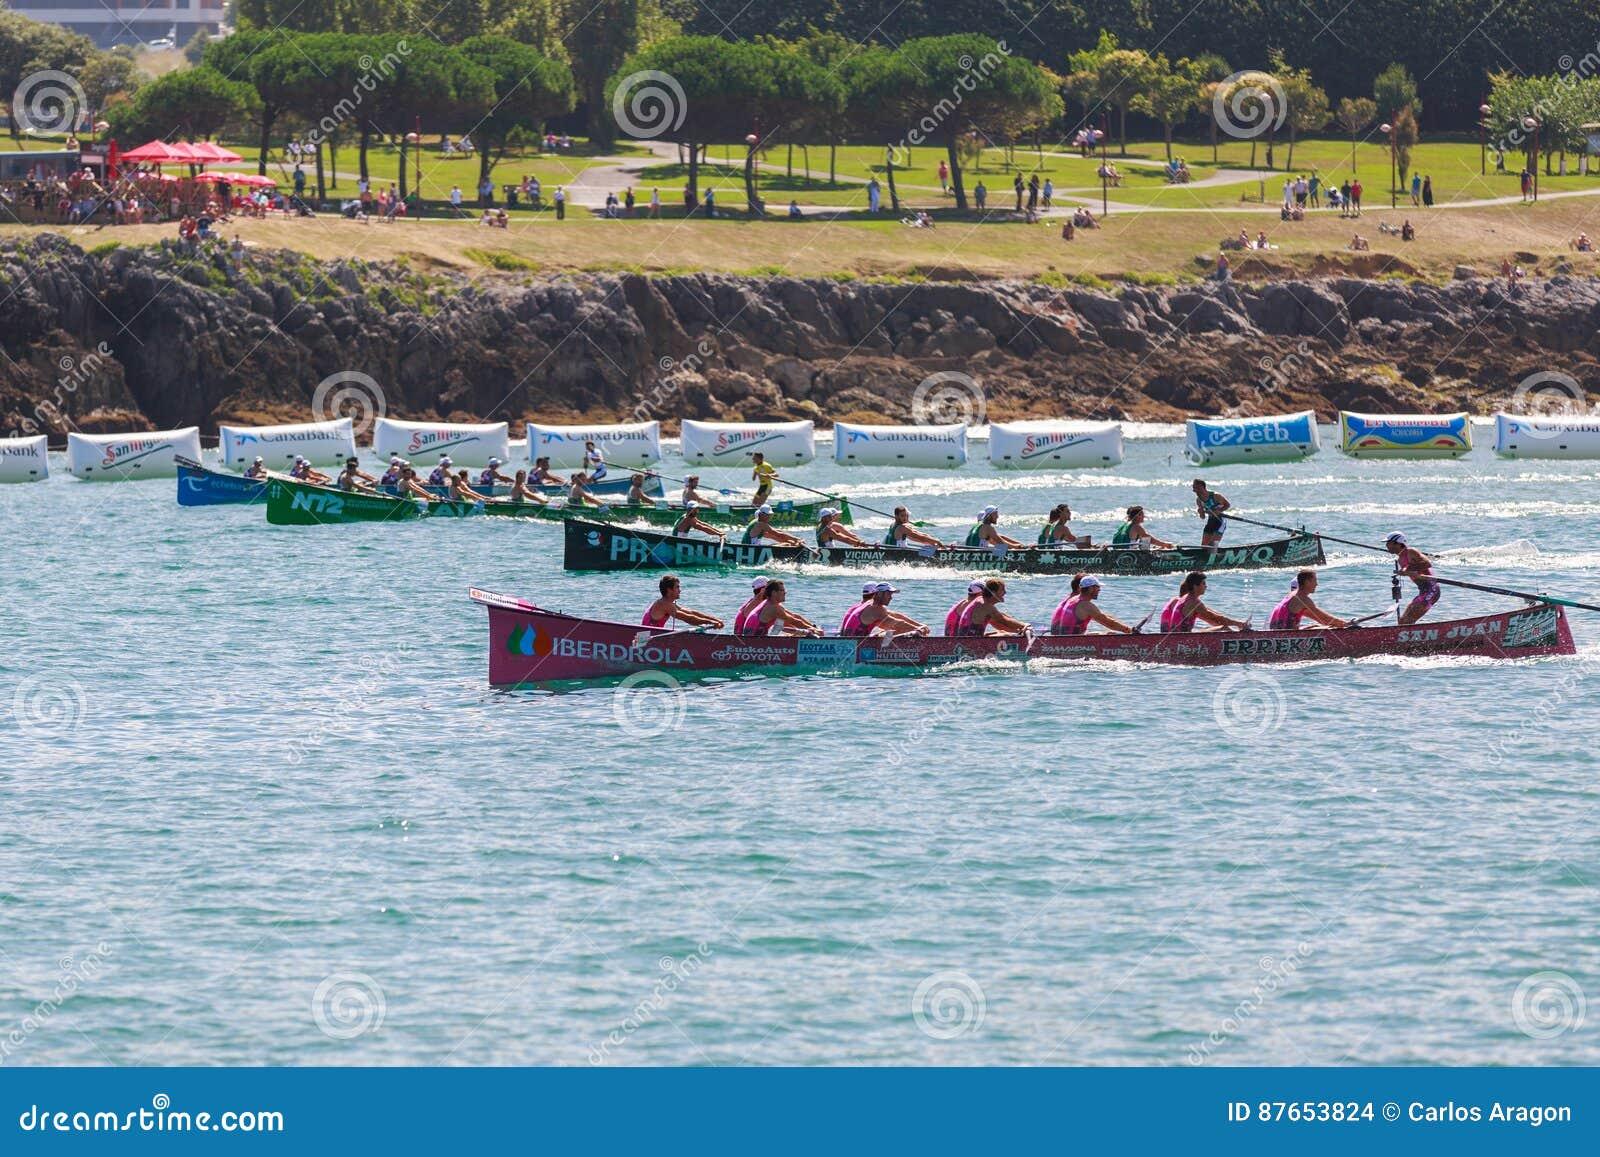 CASTRO URDIALES, ESPANHA - 21 DE AGOSTO: Começo da competição, com os barcos de San Juan, de Kaiku, de Hondarribia e de Urdaibai